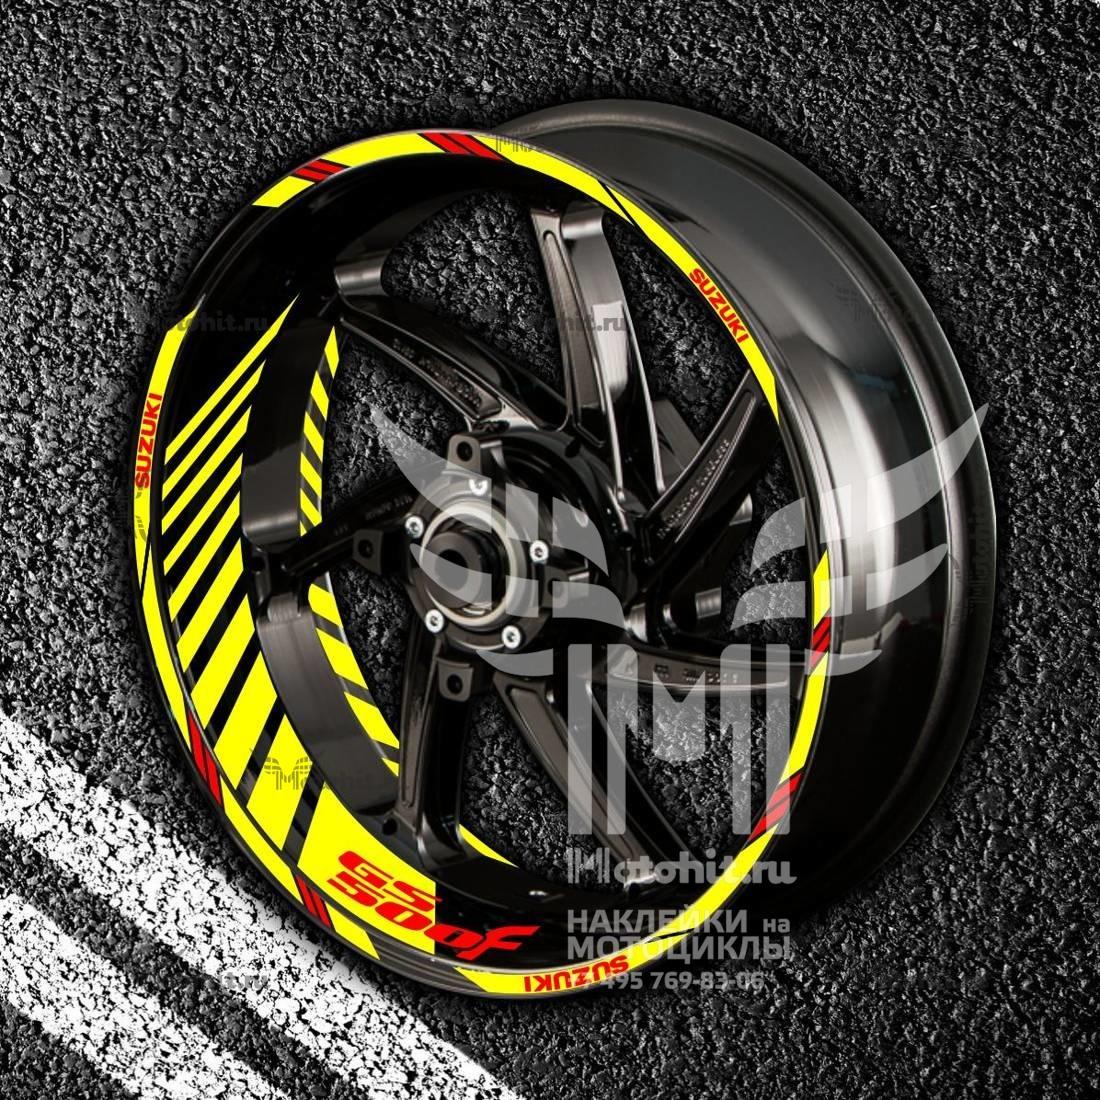 Комплект наклеек с полосами на колеса мотоцикла SUZUKI GS-500-F